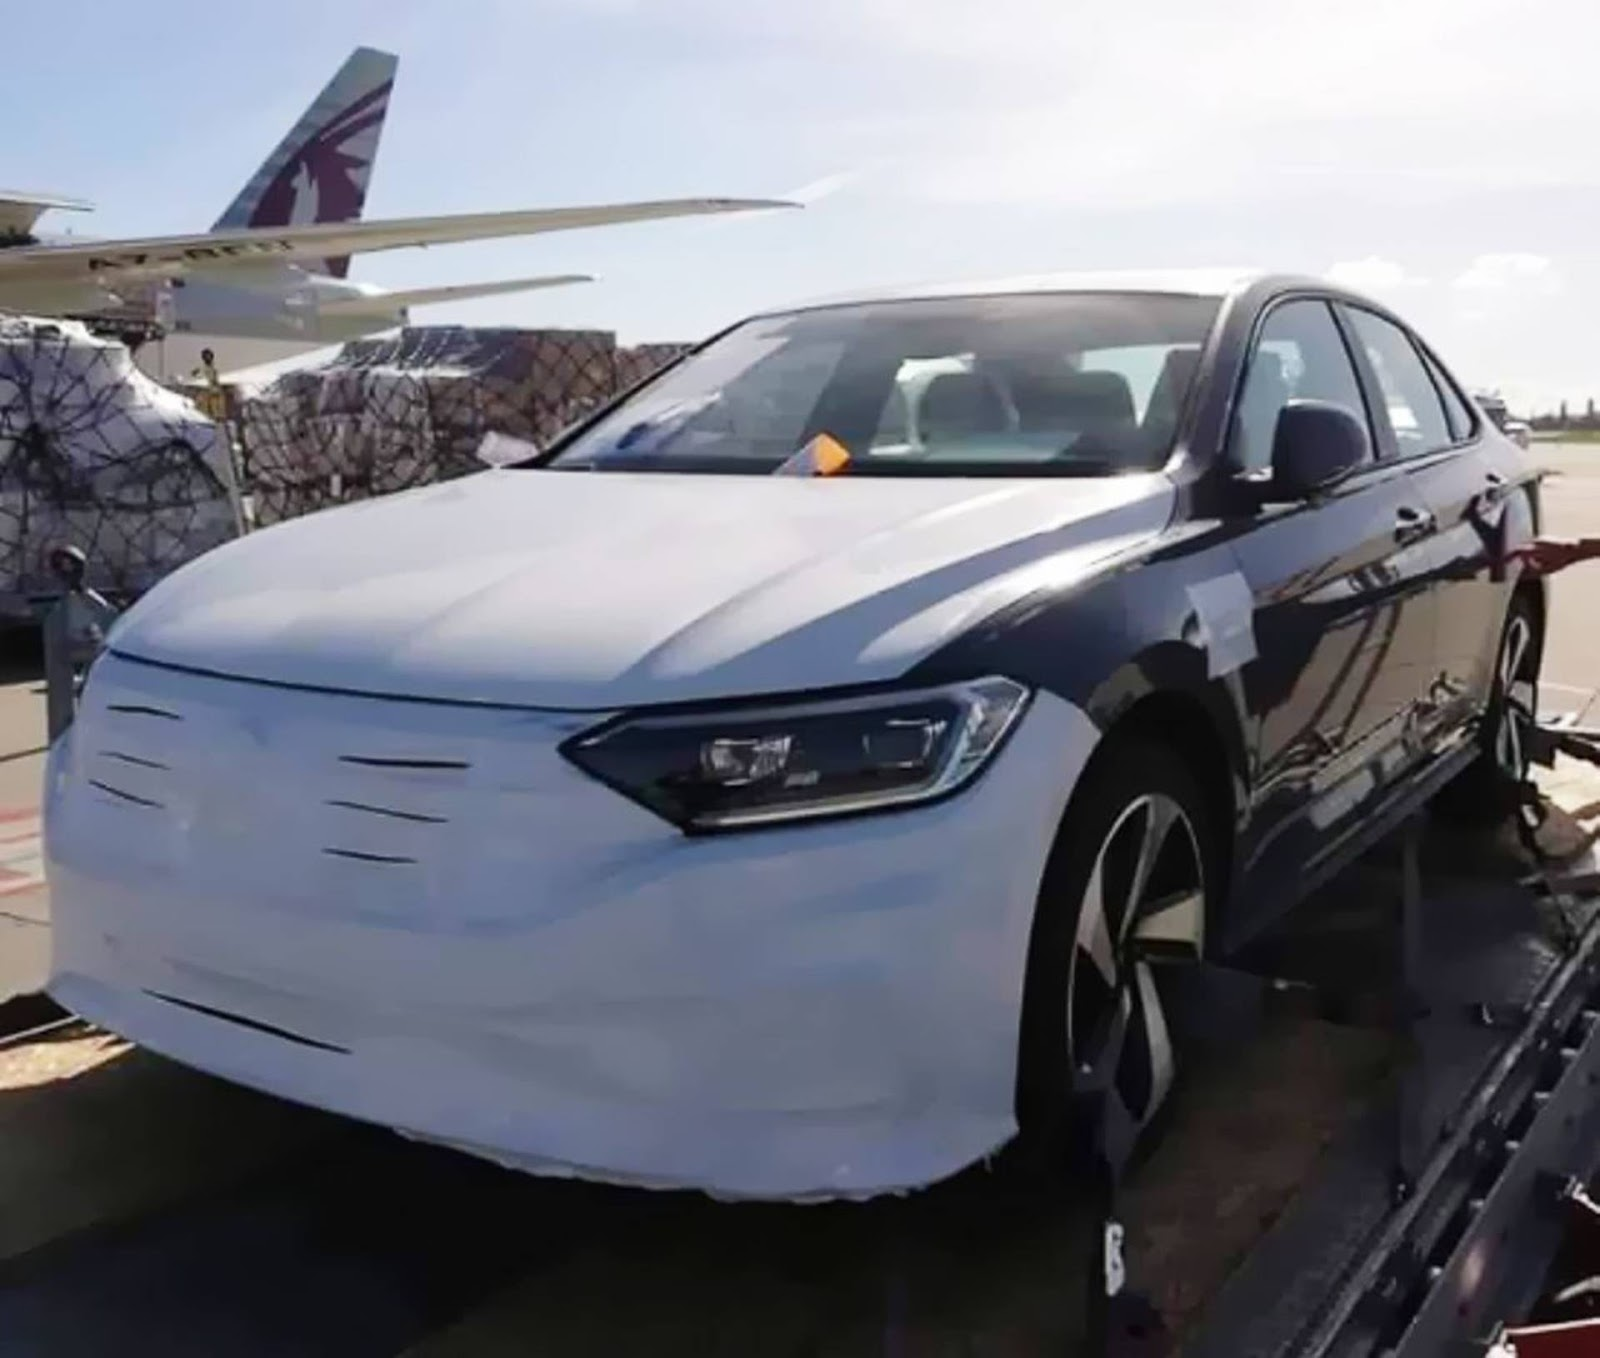 Novo VW Jetta 2.0 TSI 2020 é Flagrado No México